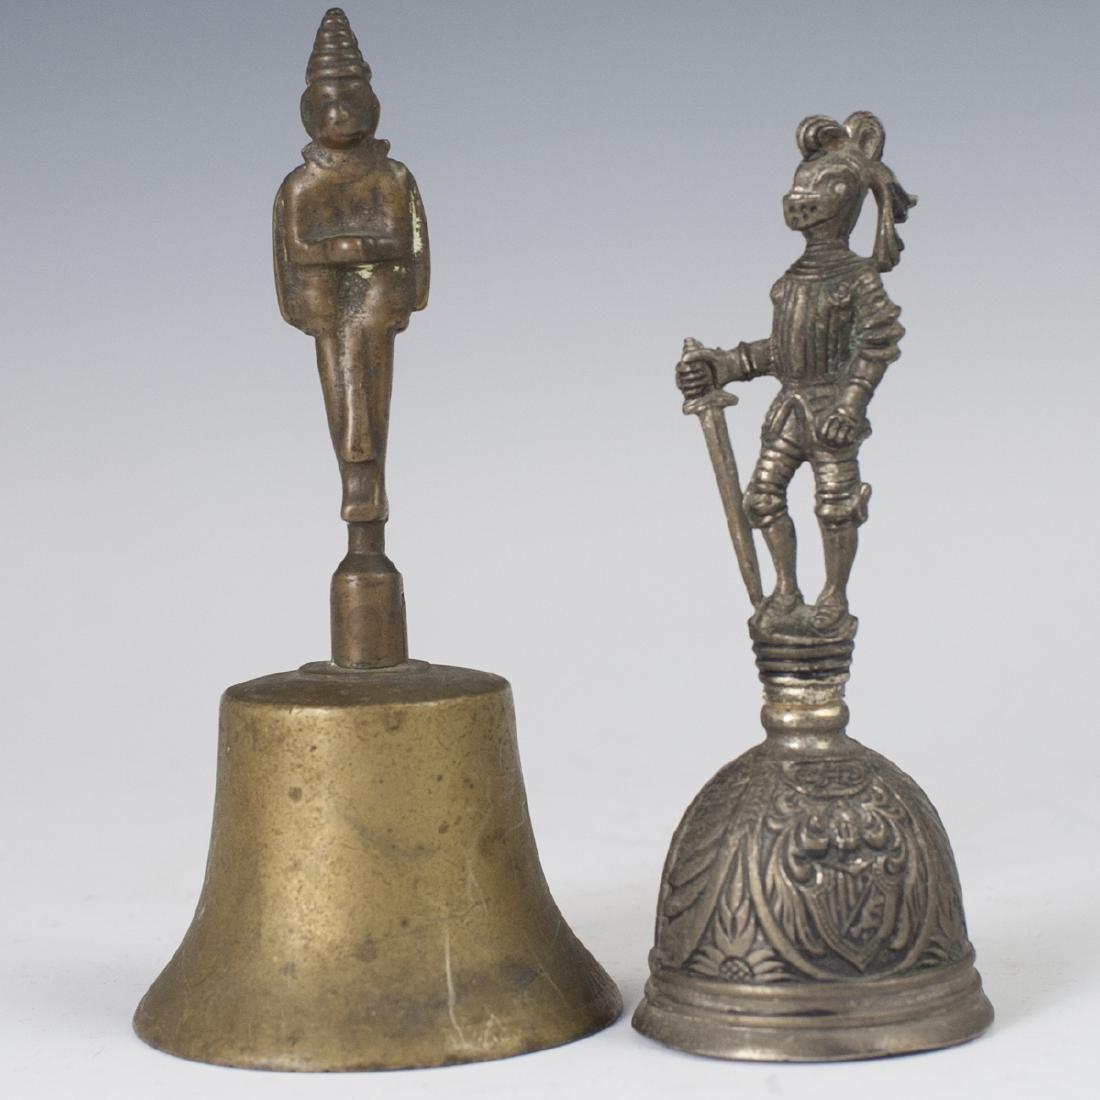 Vintage Metal Bells